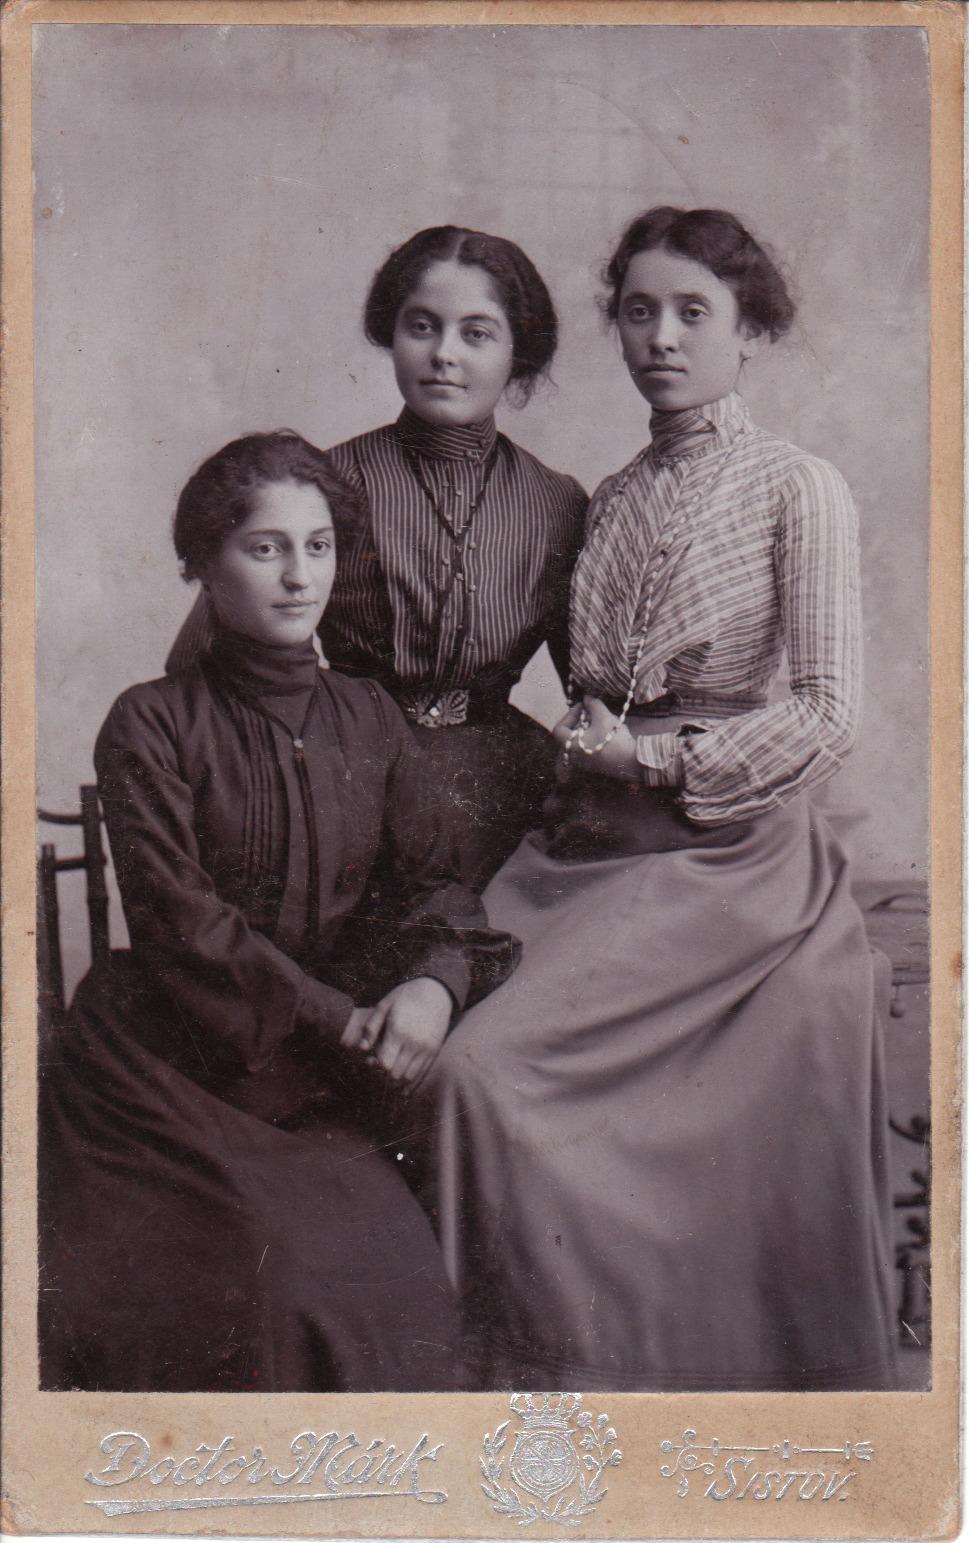 BULGARIA SISTERS